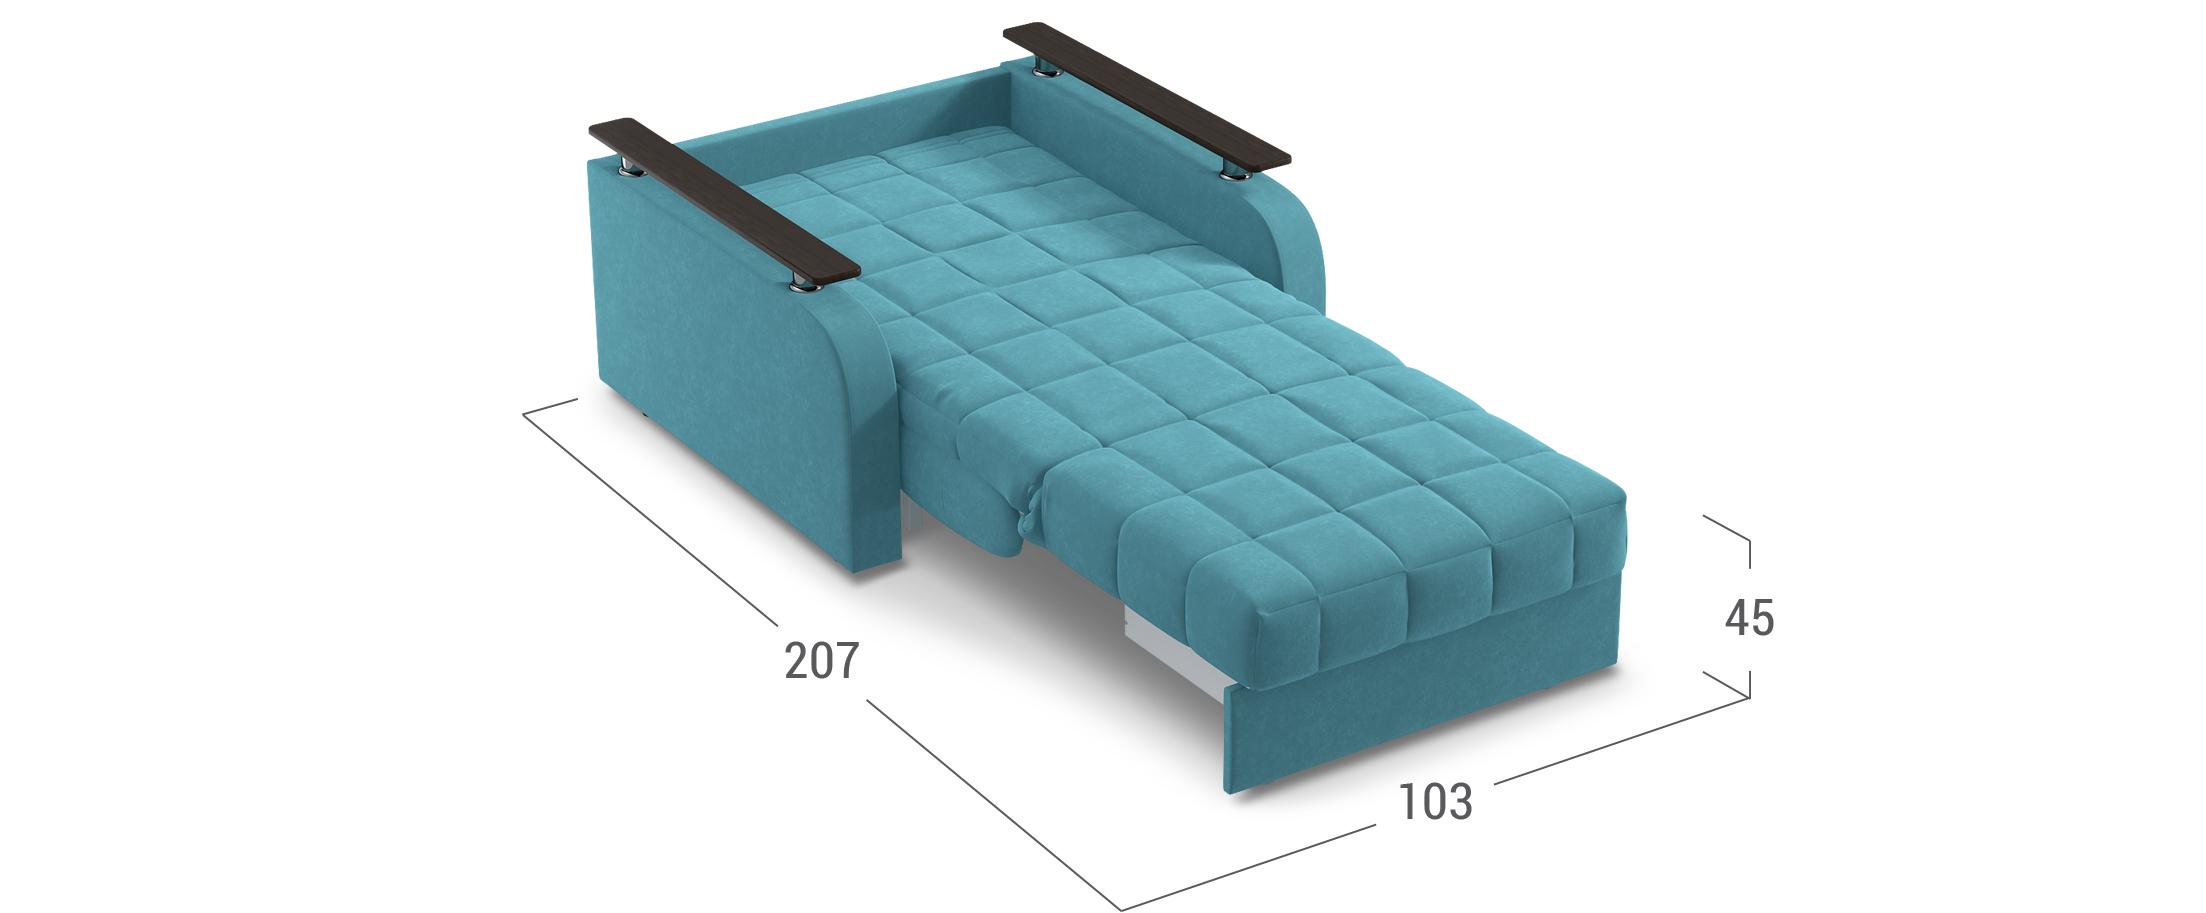 Кресло-кровать Карина 044Купить бирюзовое кресло-кровать Карина 044. Доставка от 1 дня. Подъём, сборка, вынос упаковки. Гарантия 18 месяцев. Интернет-магазин мебели MOON-TRADE.RU<br><br>Ширина см: 103<br>Глубина см: 104<br>Высота см: 90<br>Ширина спального места см: 80<br>Длина спального места см: 200<br>Глубина посадочного места см: 60<br>Высота спального места см: 45<br>Цвет: Бирюзовый<br>Механизм: Аккордеон<br>Материал: Велюр<br>Жёсткость: Средняя<br>Каркас: Металлокаркас<br>Чехол: Съёмный<br>Основание: Берёзовые латы, Пружинные змейки<br>Бельевой короб: Нет<br>Мягкий настил: ППУ<br>Цвет декора: Венге<br>Код ткани: 74-9<br>Модель: Карина<br>Бренд: MOON-TRADE